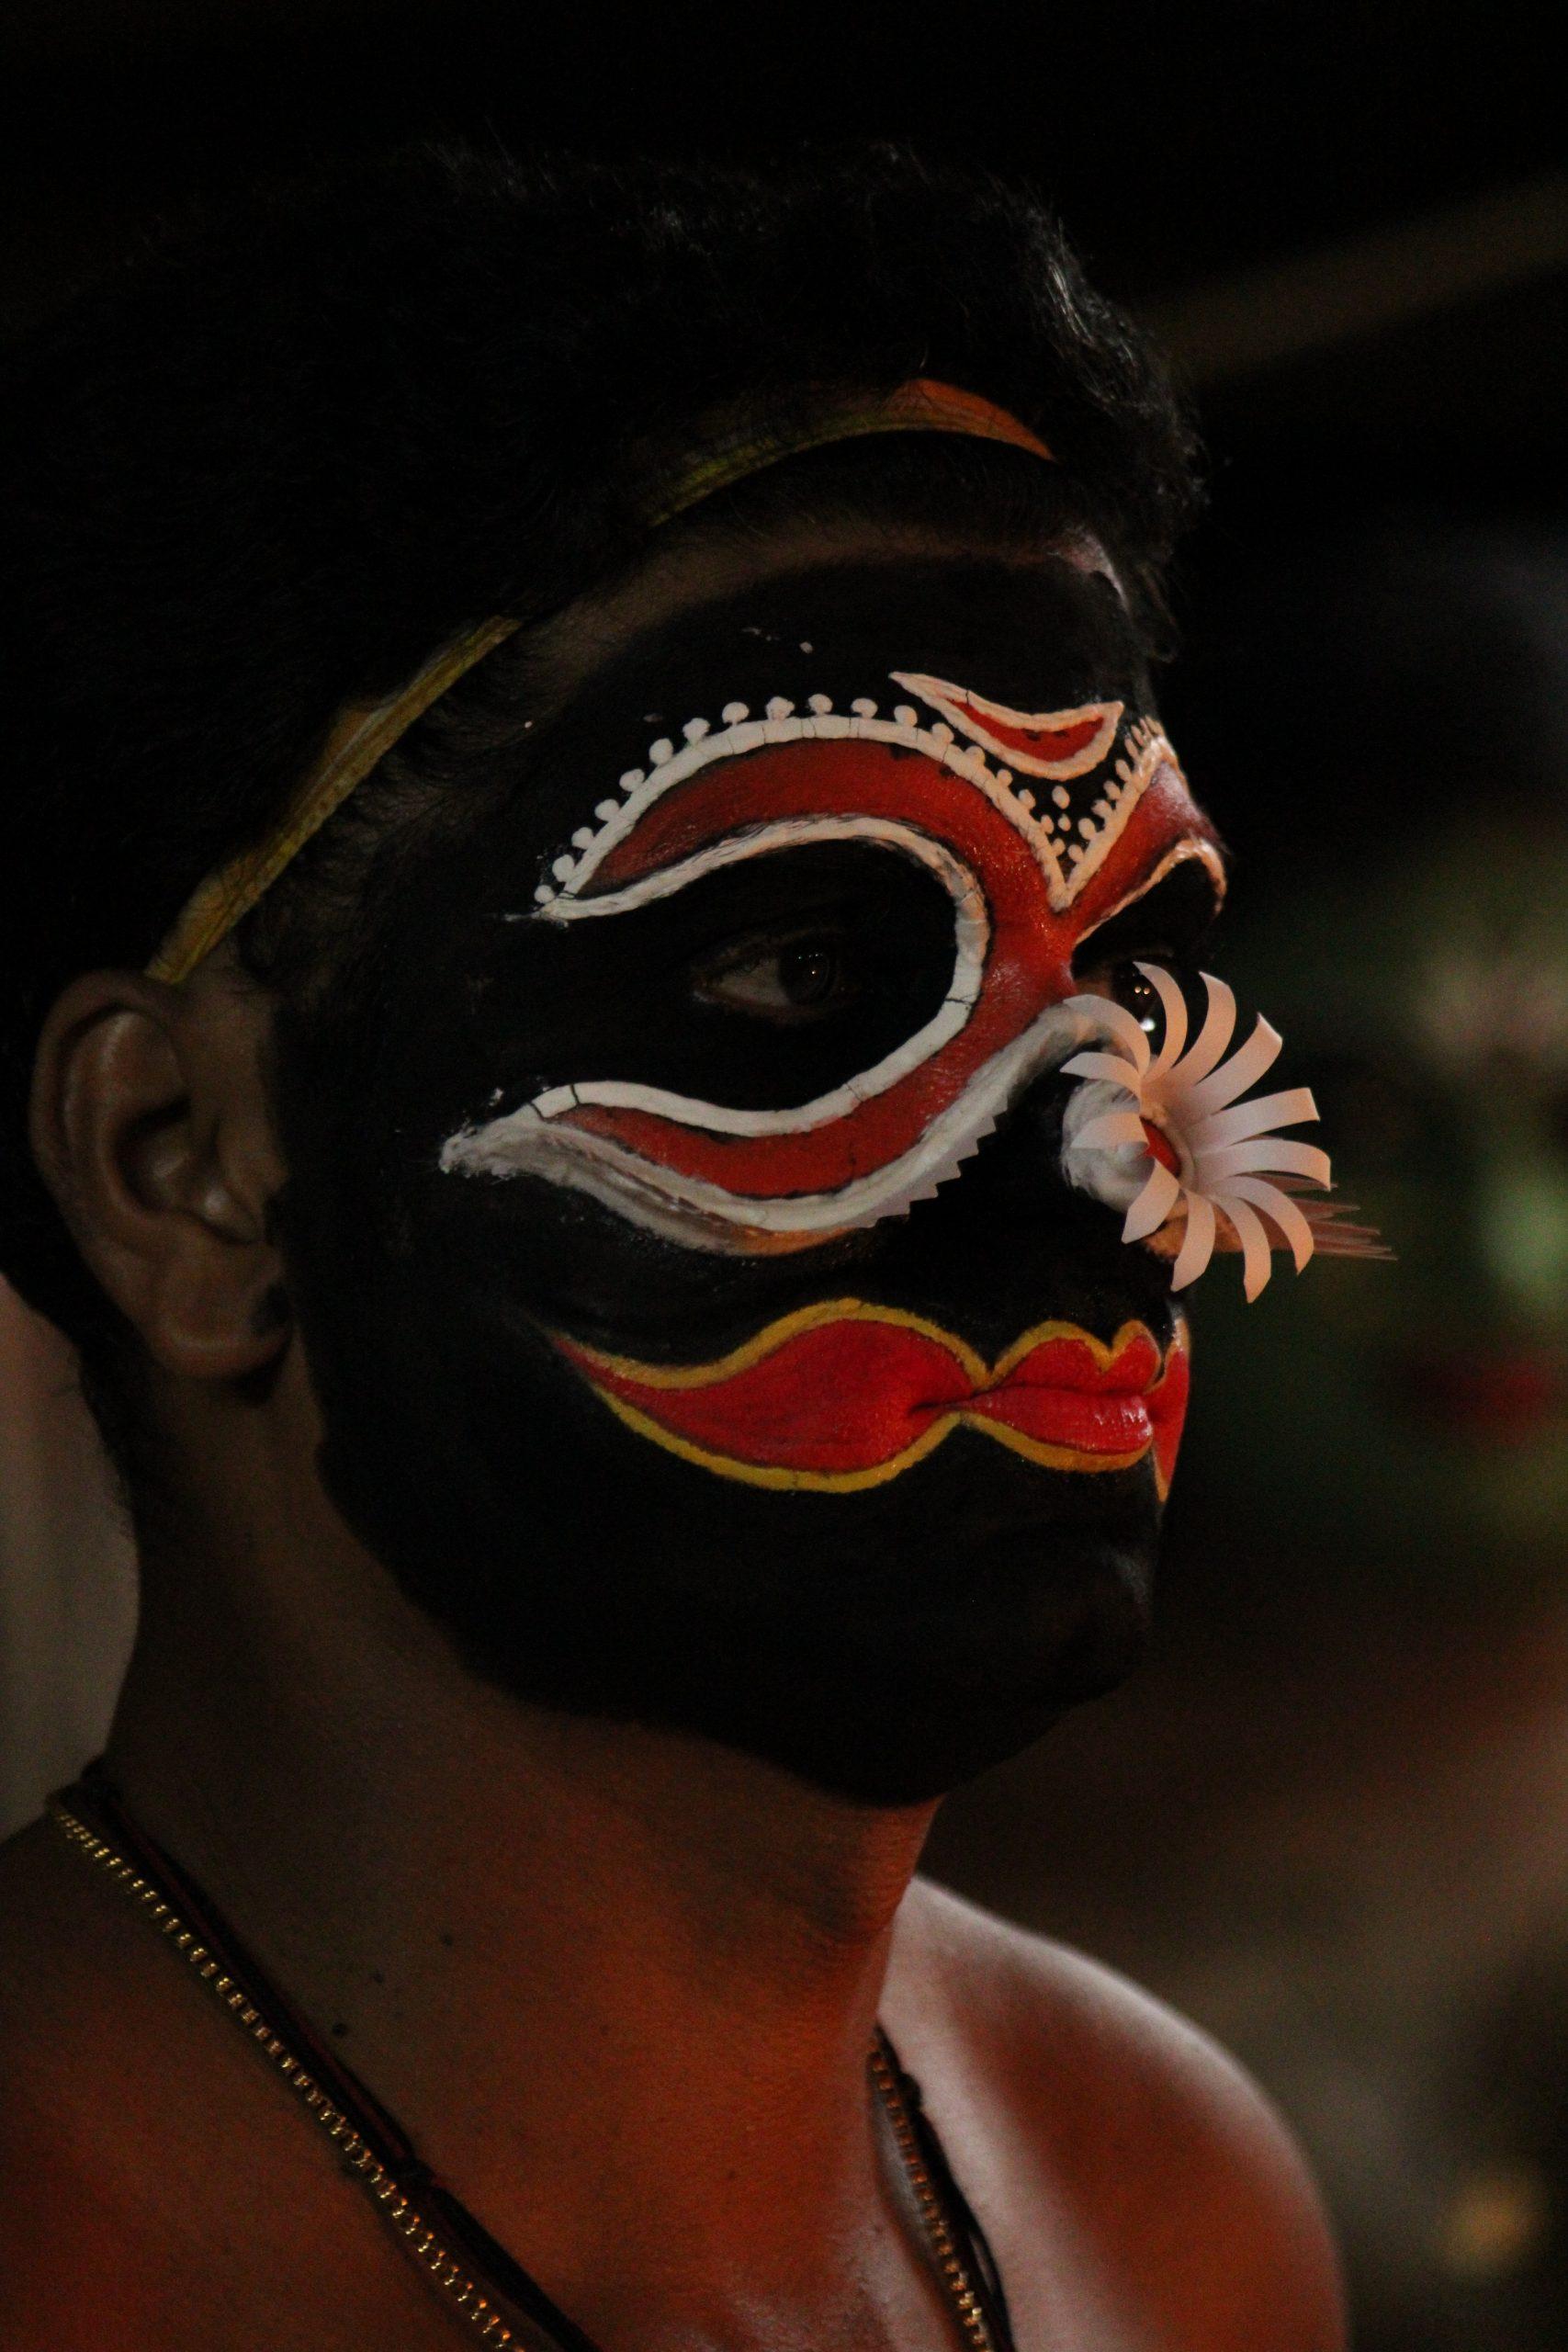 Face of a Kathakali artist